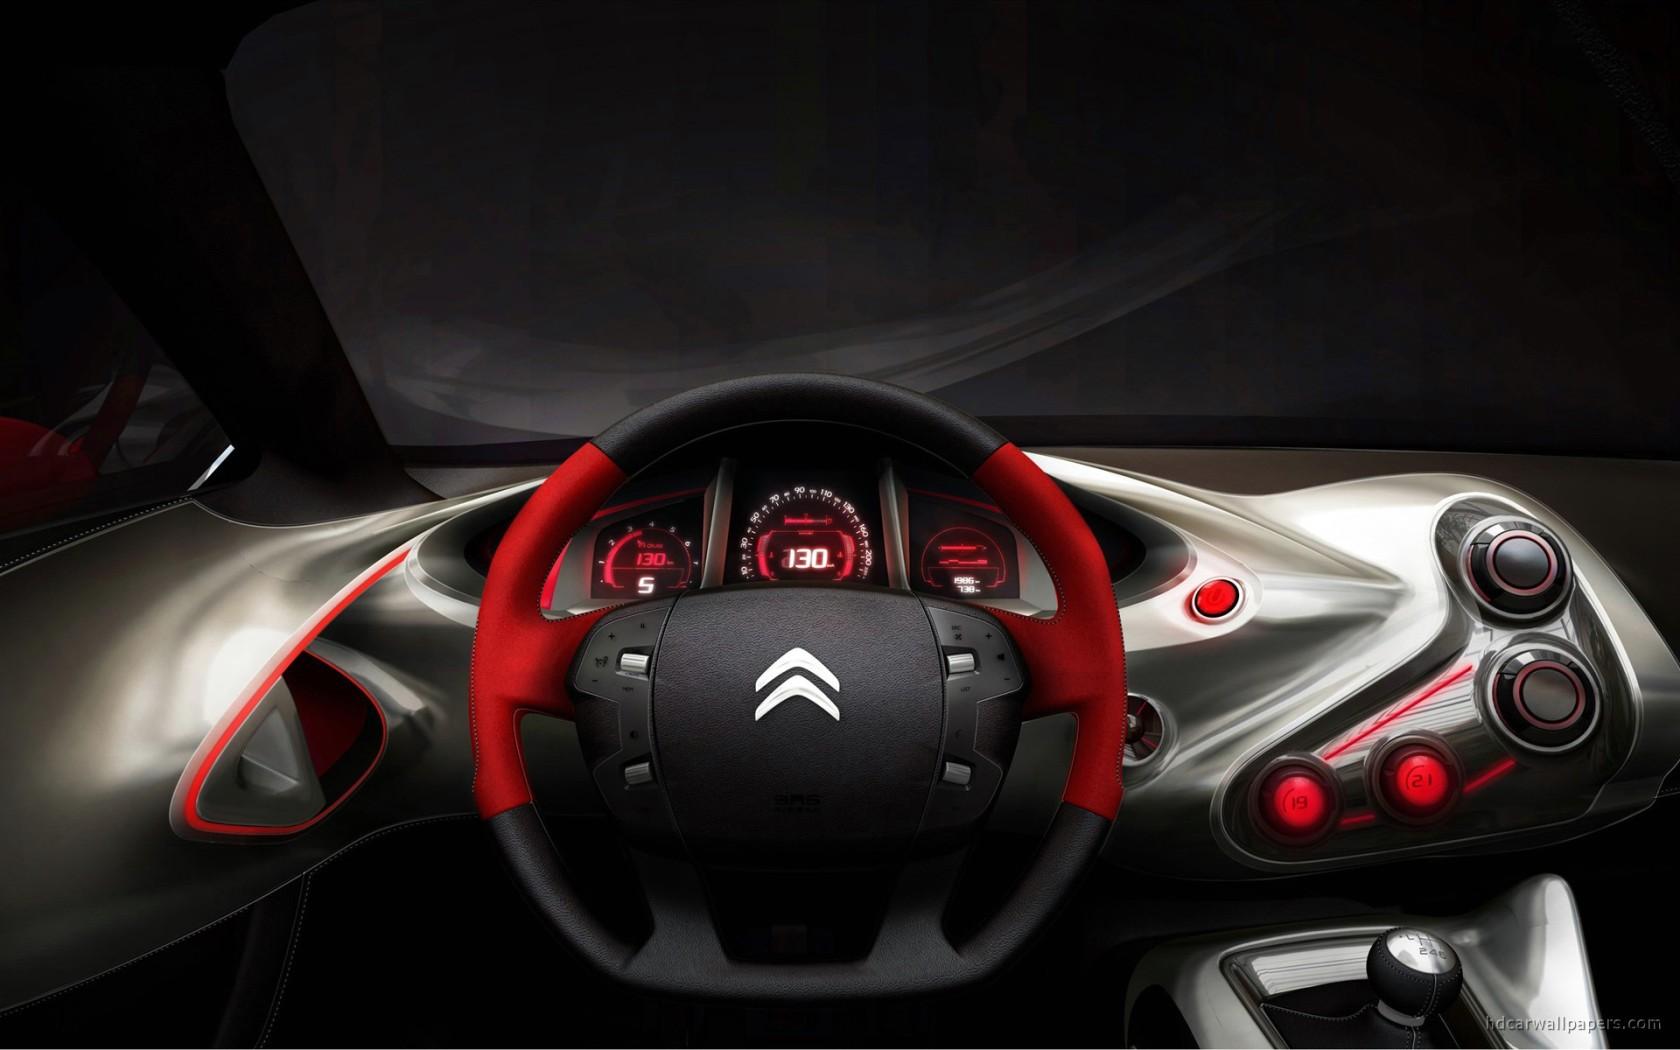 2010 GQbyCITROEN Concept Car Interior Wallpaper HD Car